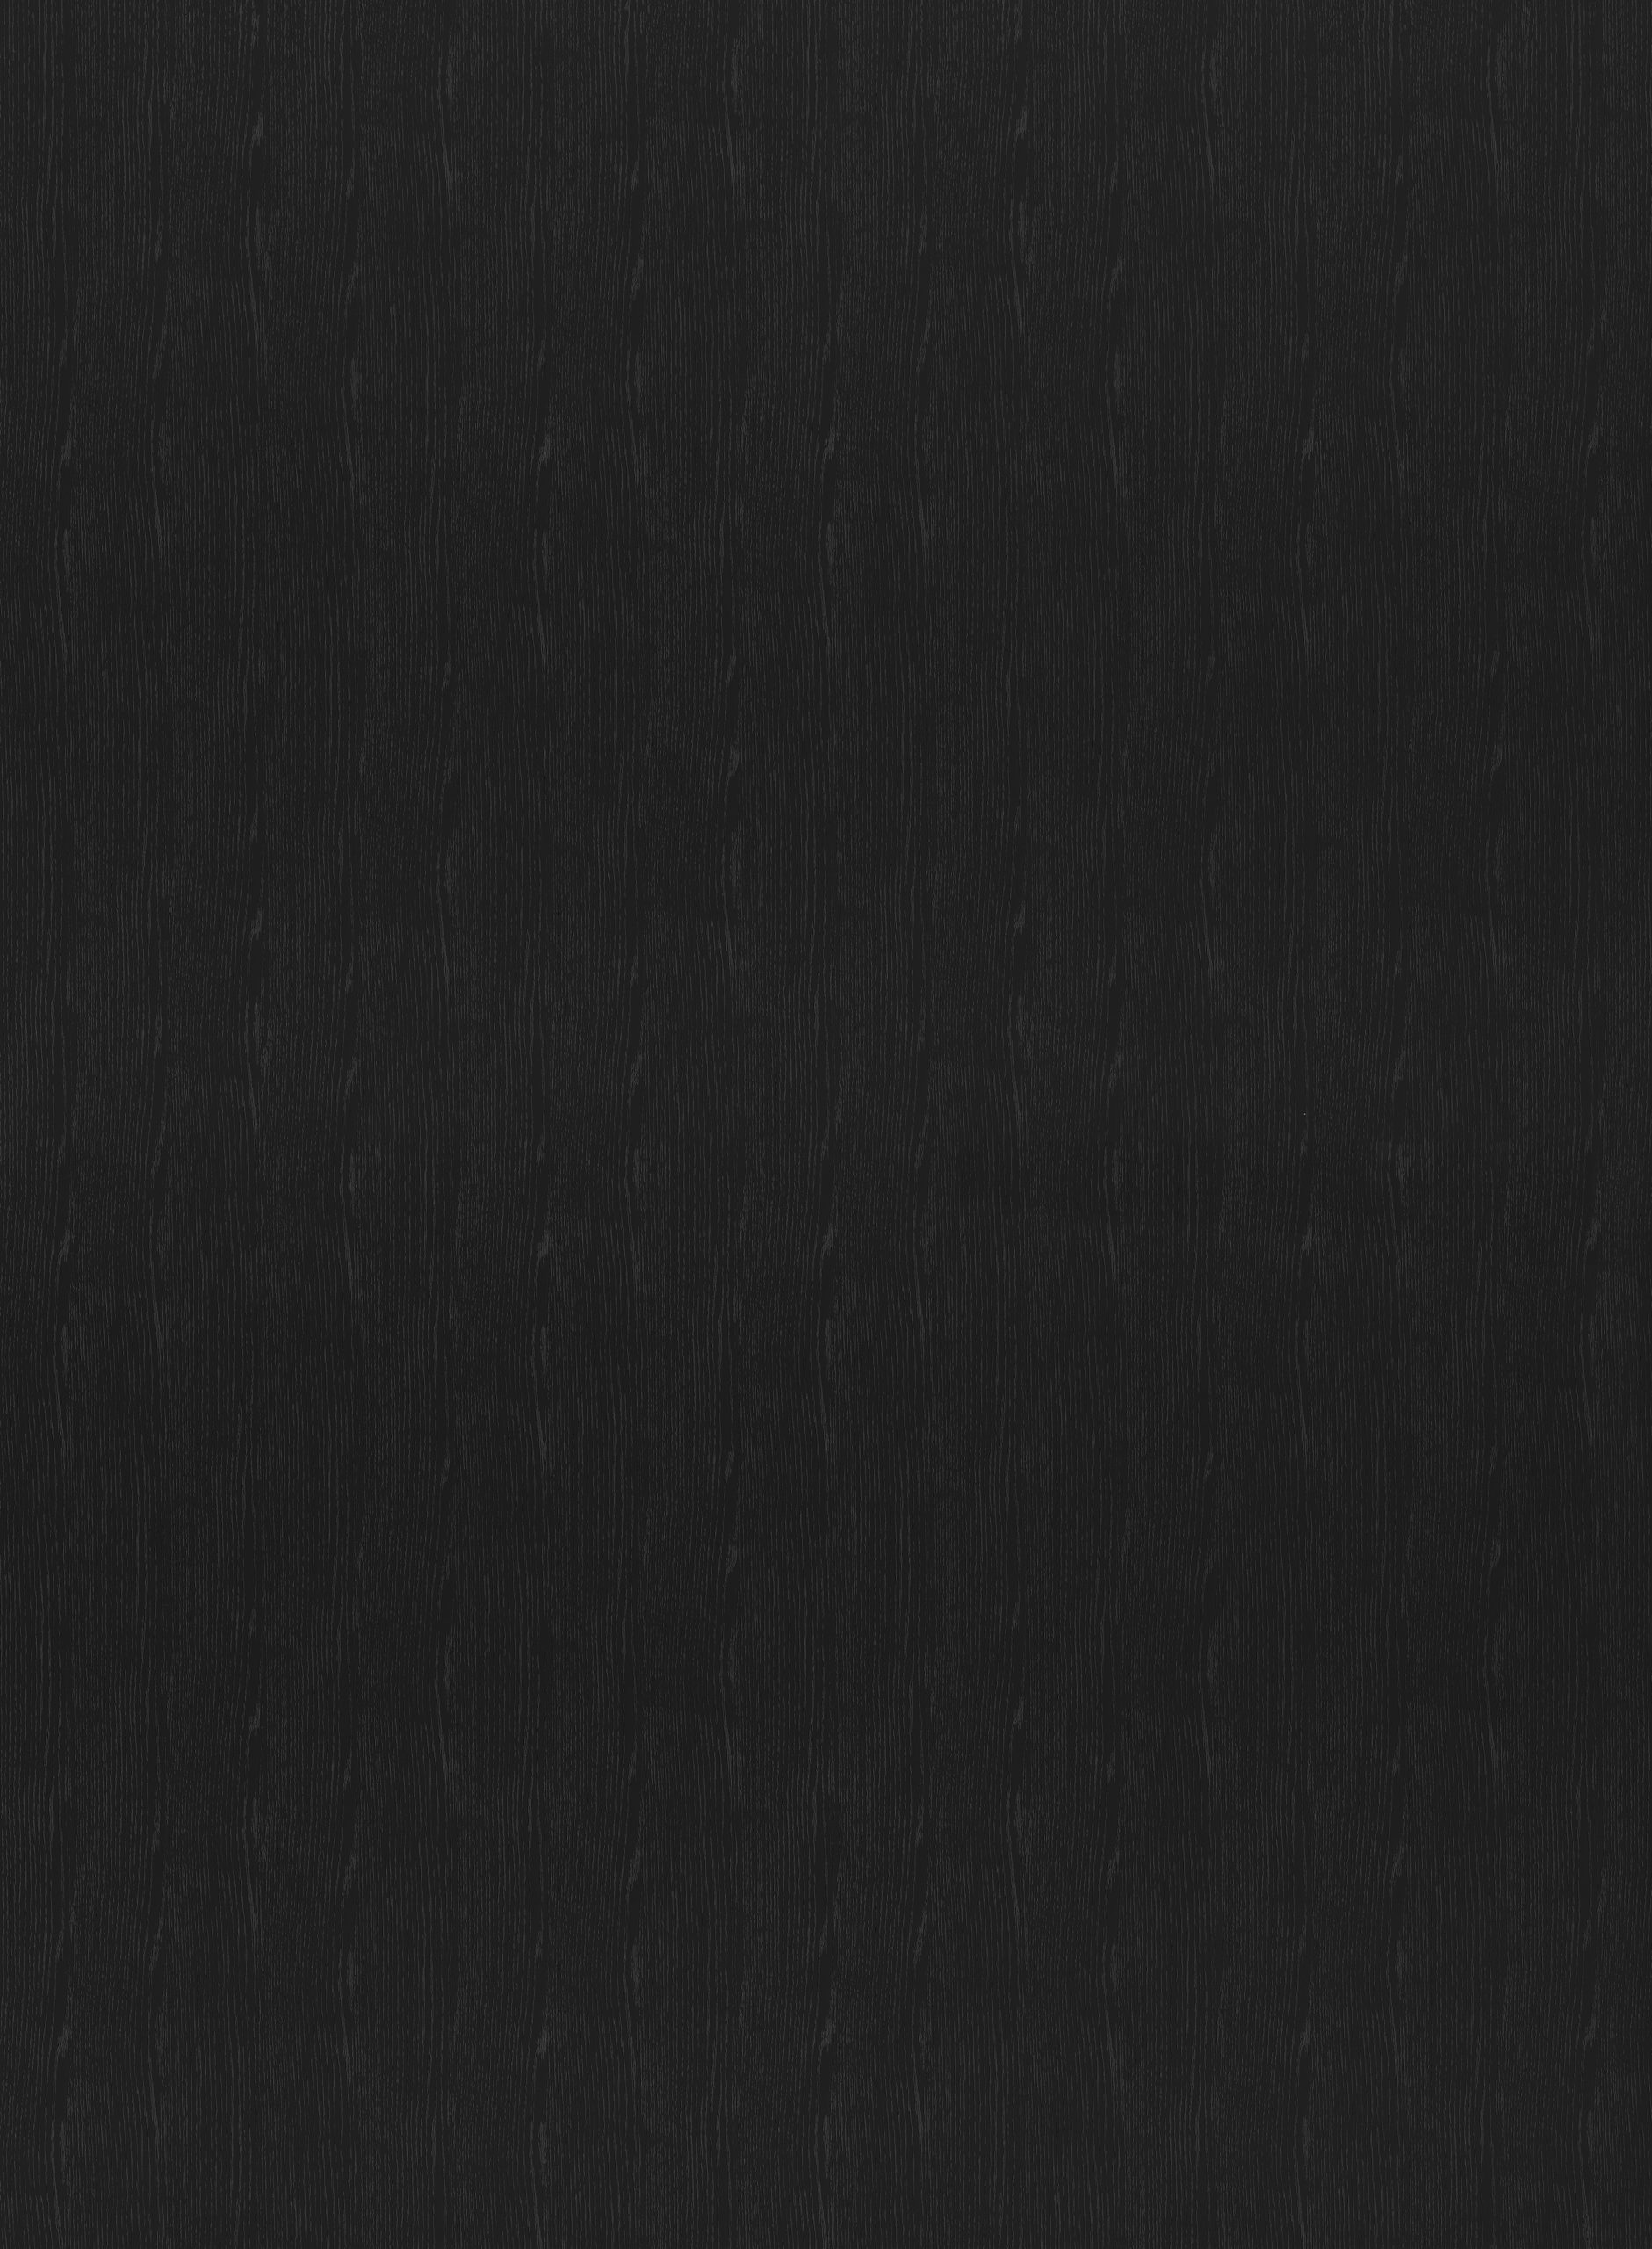 DecoLegno U129 Alter hele plaatafb. 2800x2070 mm /  Tekenprogramma 2800x2070mm